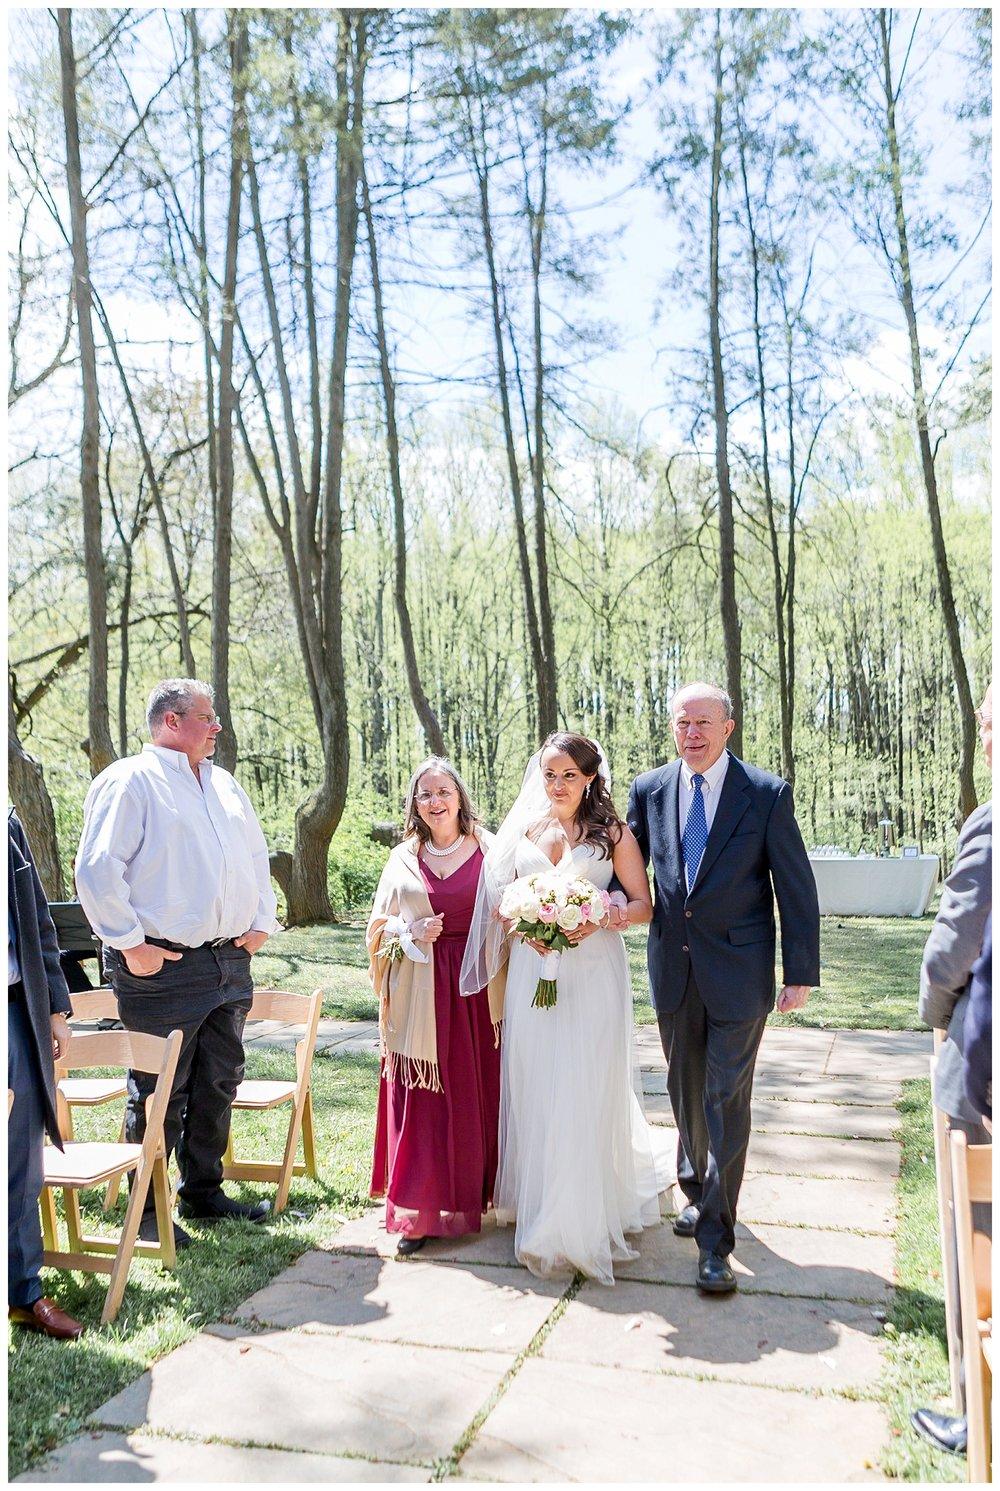 Woodend Nature Sanctuary Wedding Maryland Wedding Photographer_0057.jpg